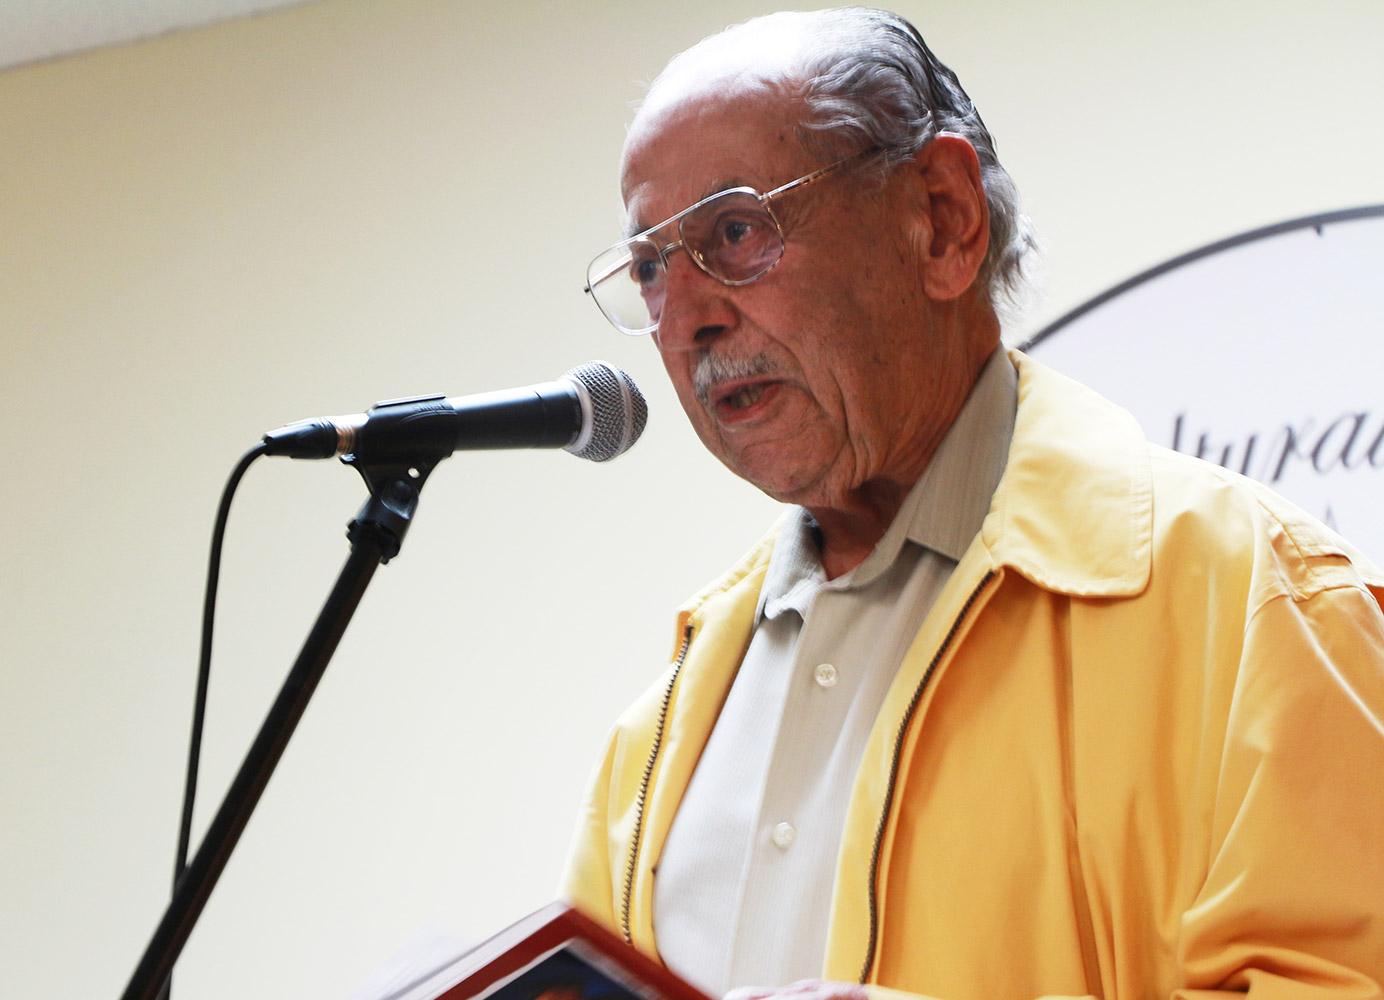 Juan Don Naide